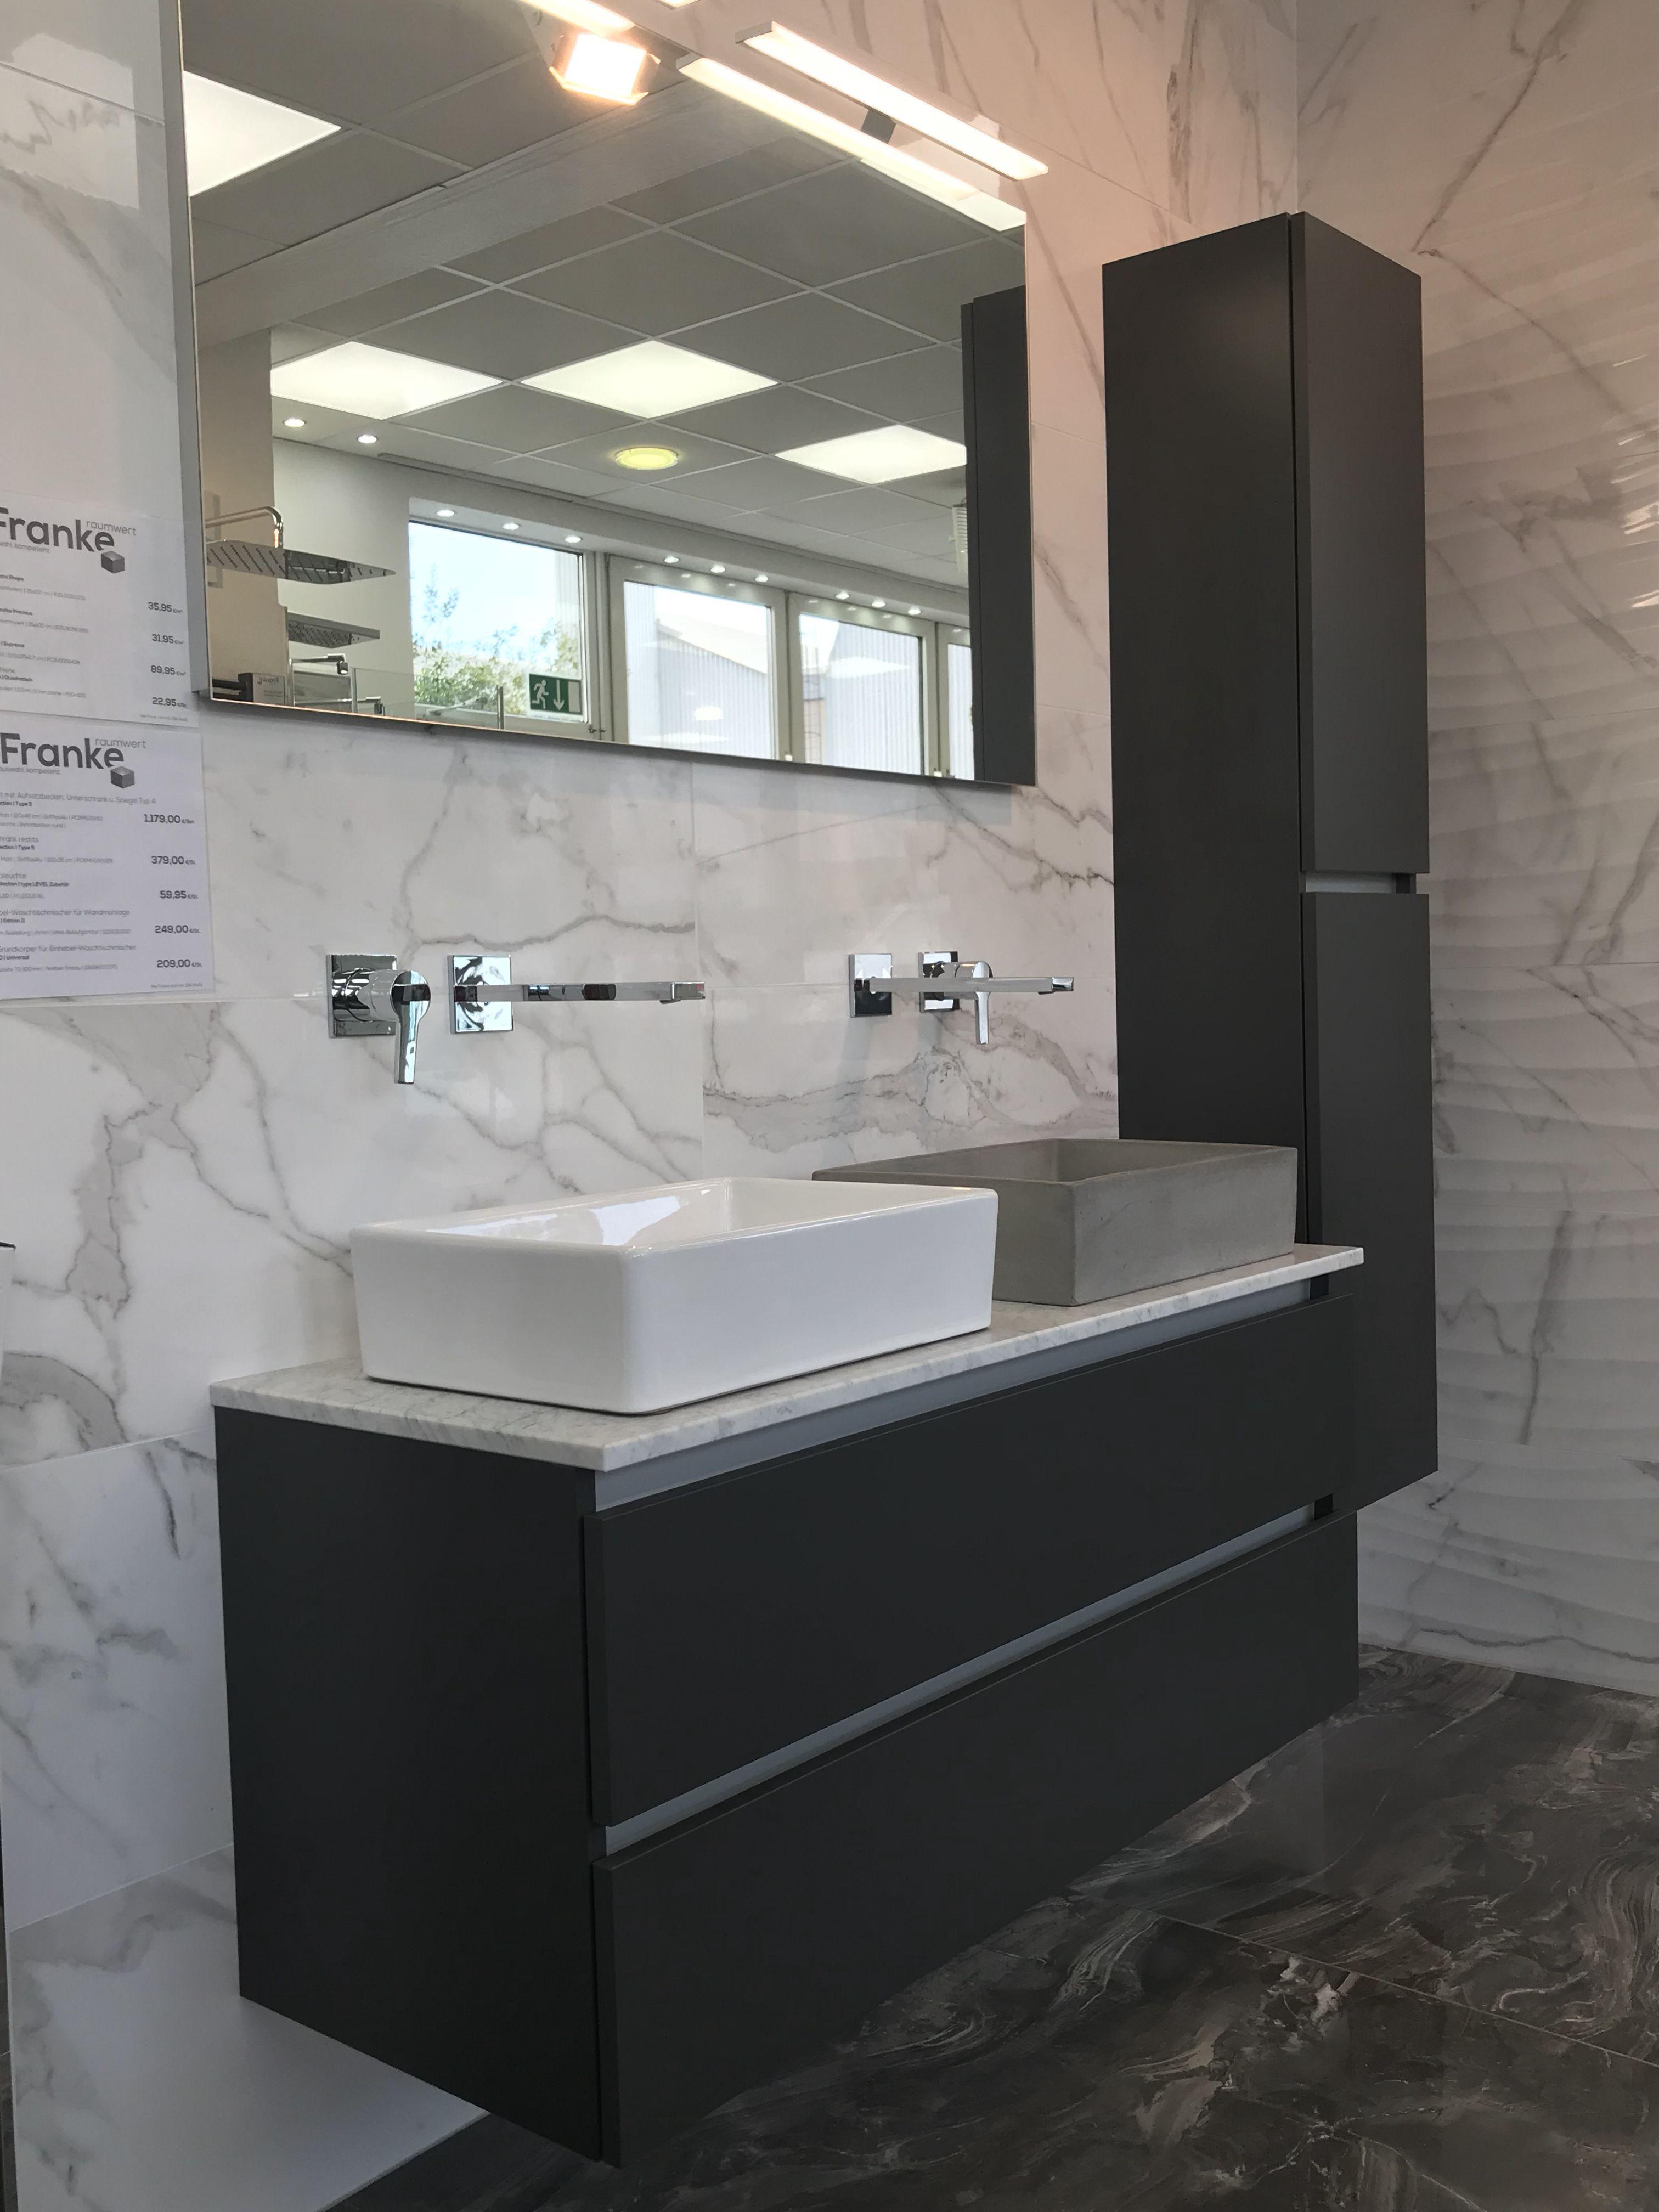 Waschtische In Unterschiedlichen Optiken Breiten Farben Griffen Aufsatzbecken Und Verschiedene Ausfuhrun Badezimmer Mobel Bad Design Unterschrank